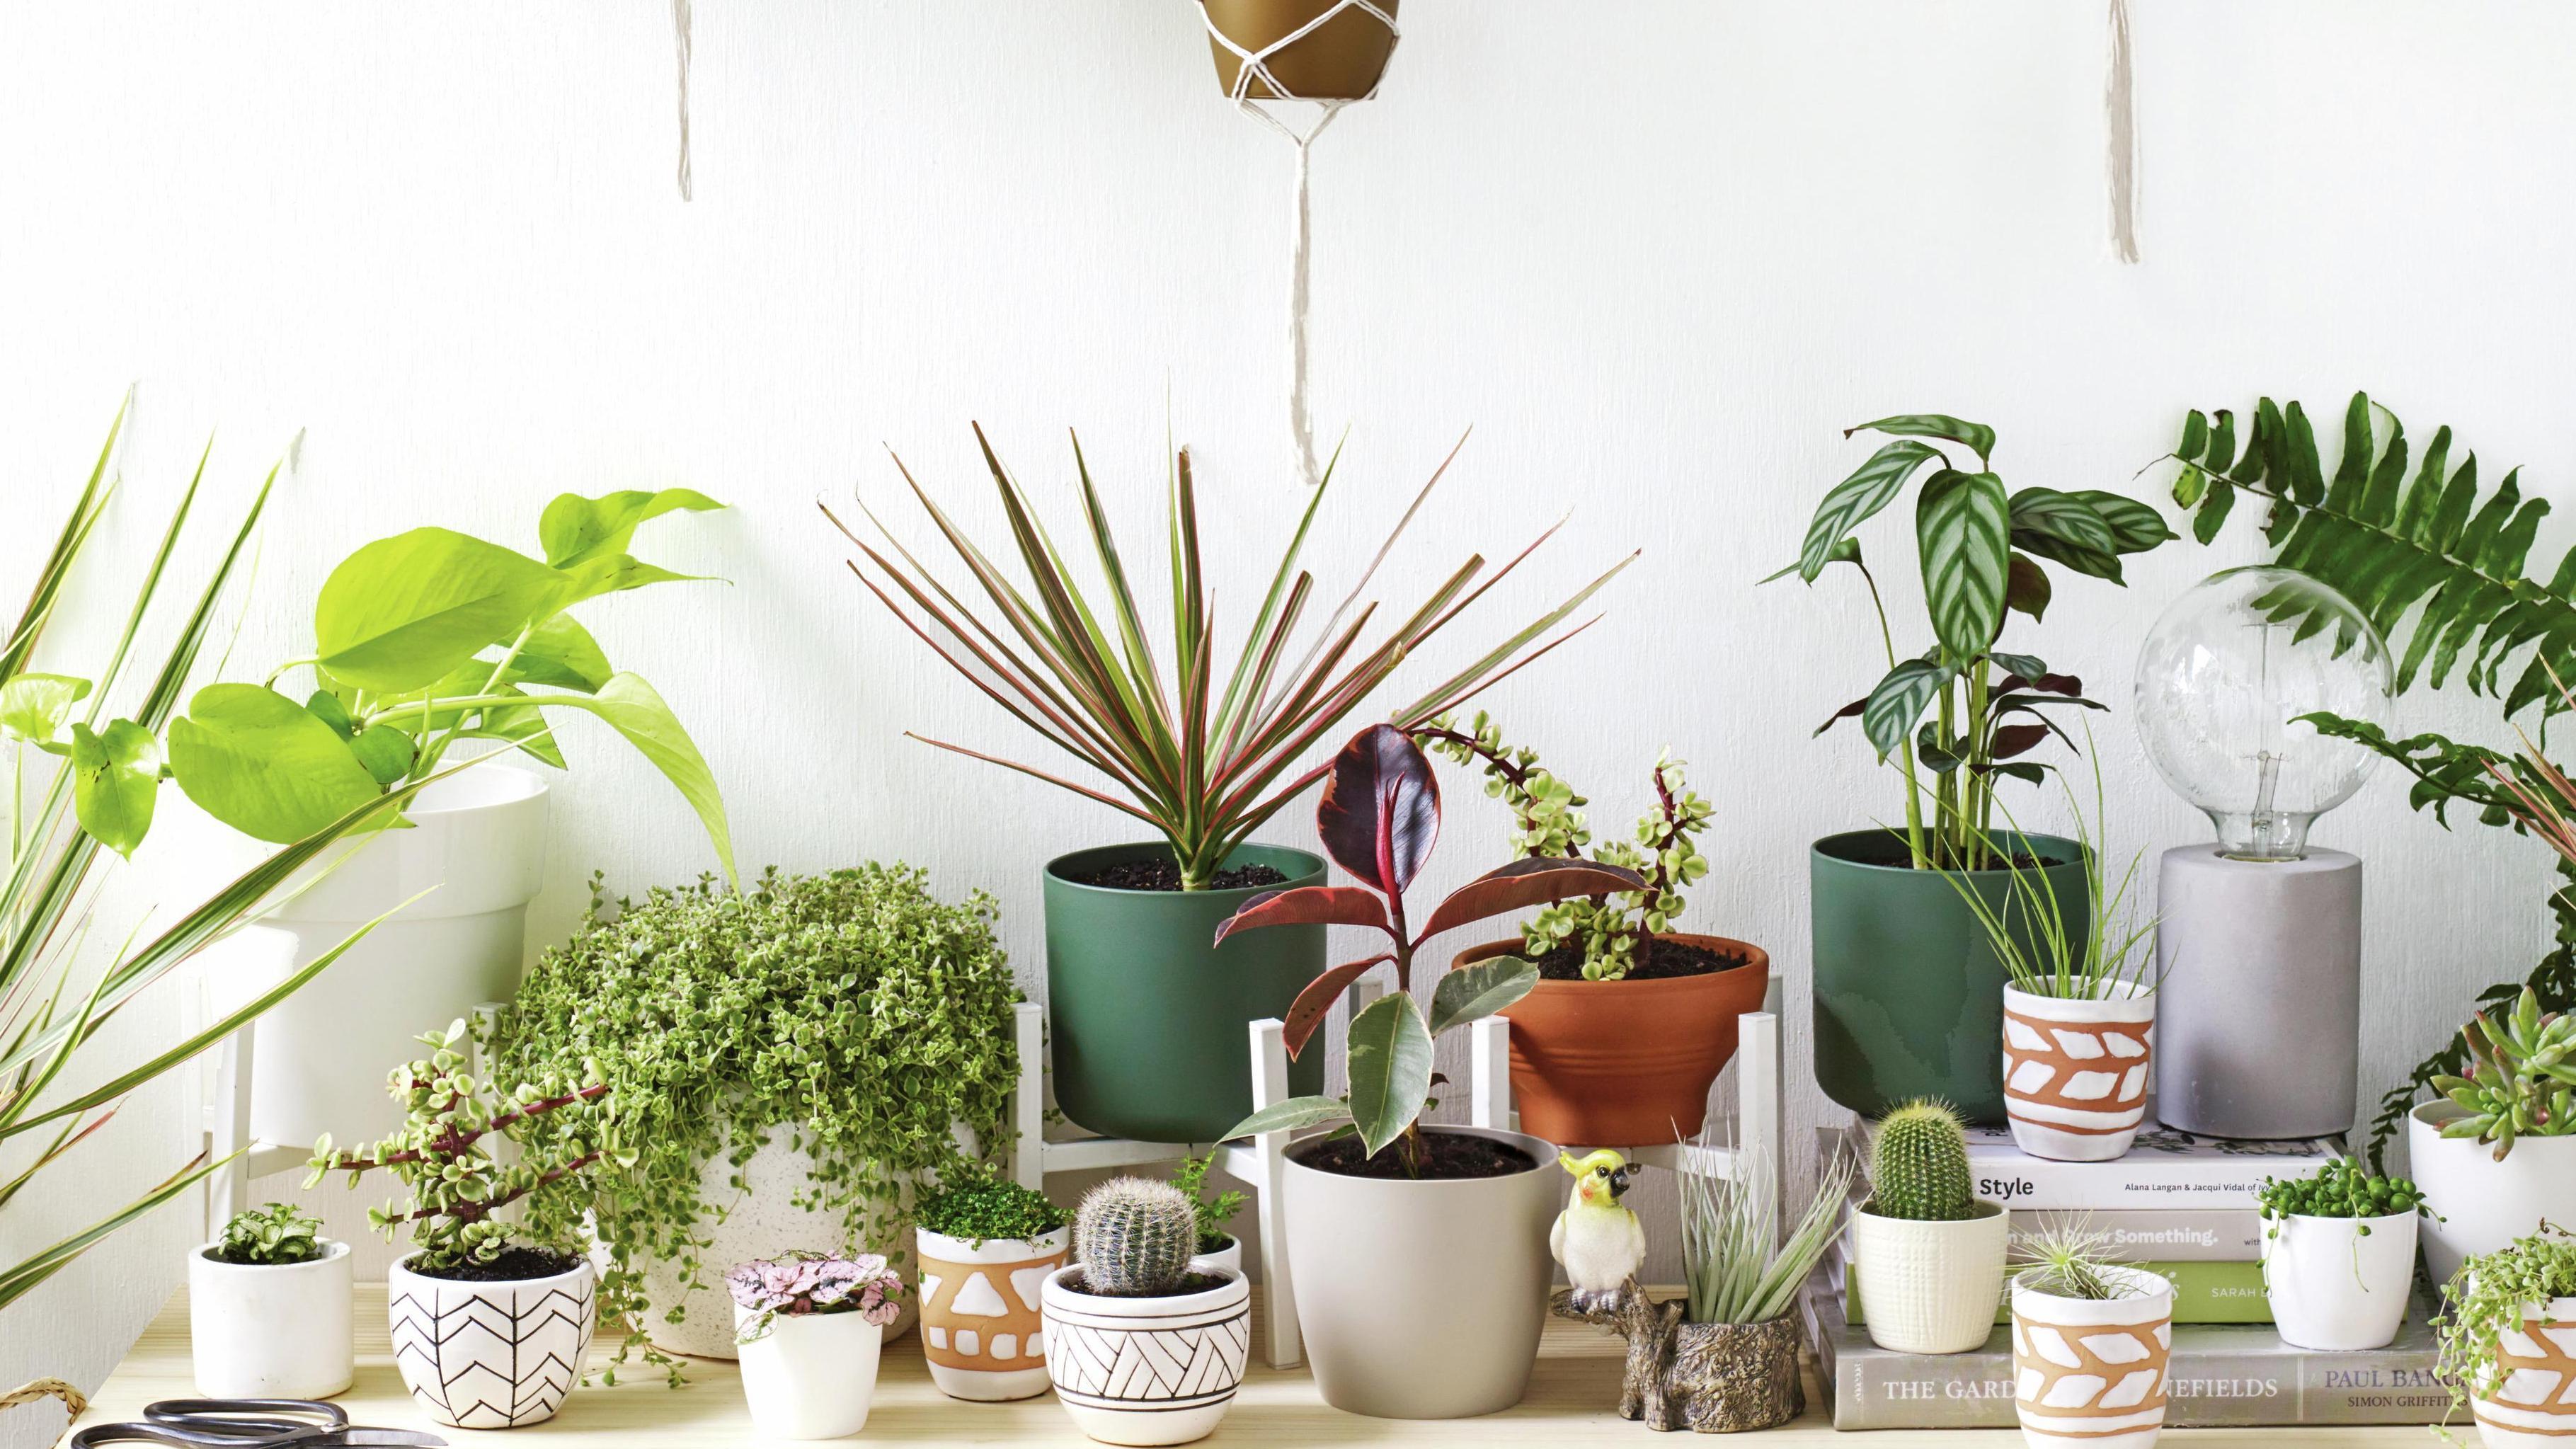 Numerous pot plants on a bench.